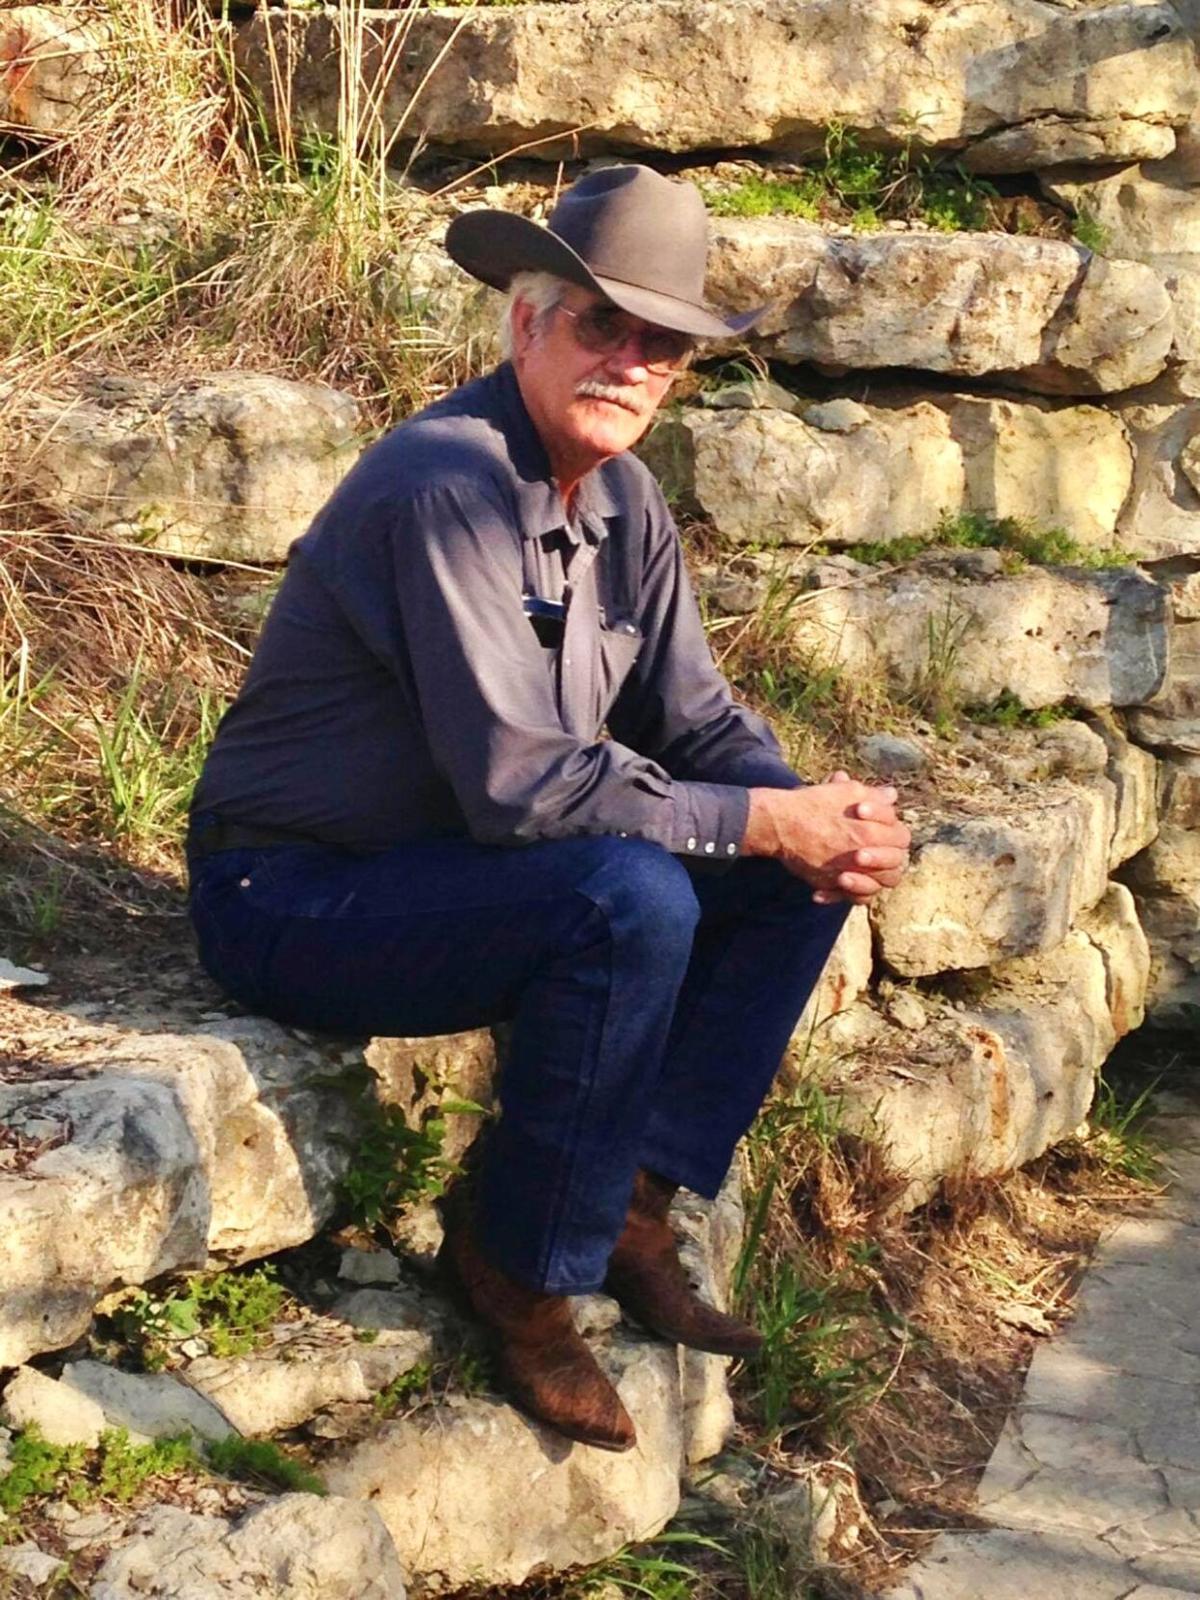 David Pitman, 67, of Corning, Iowa